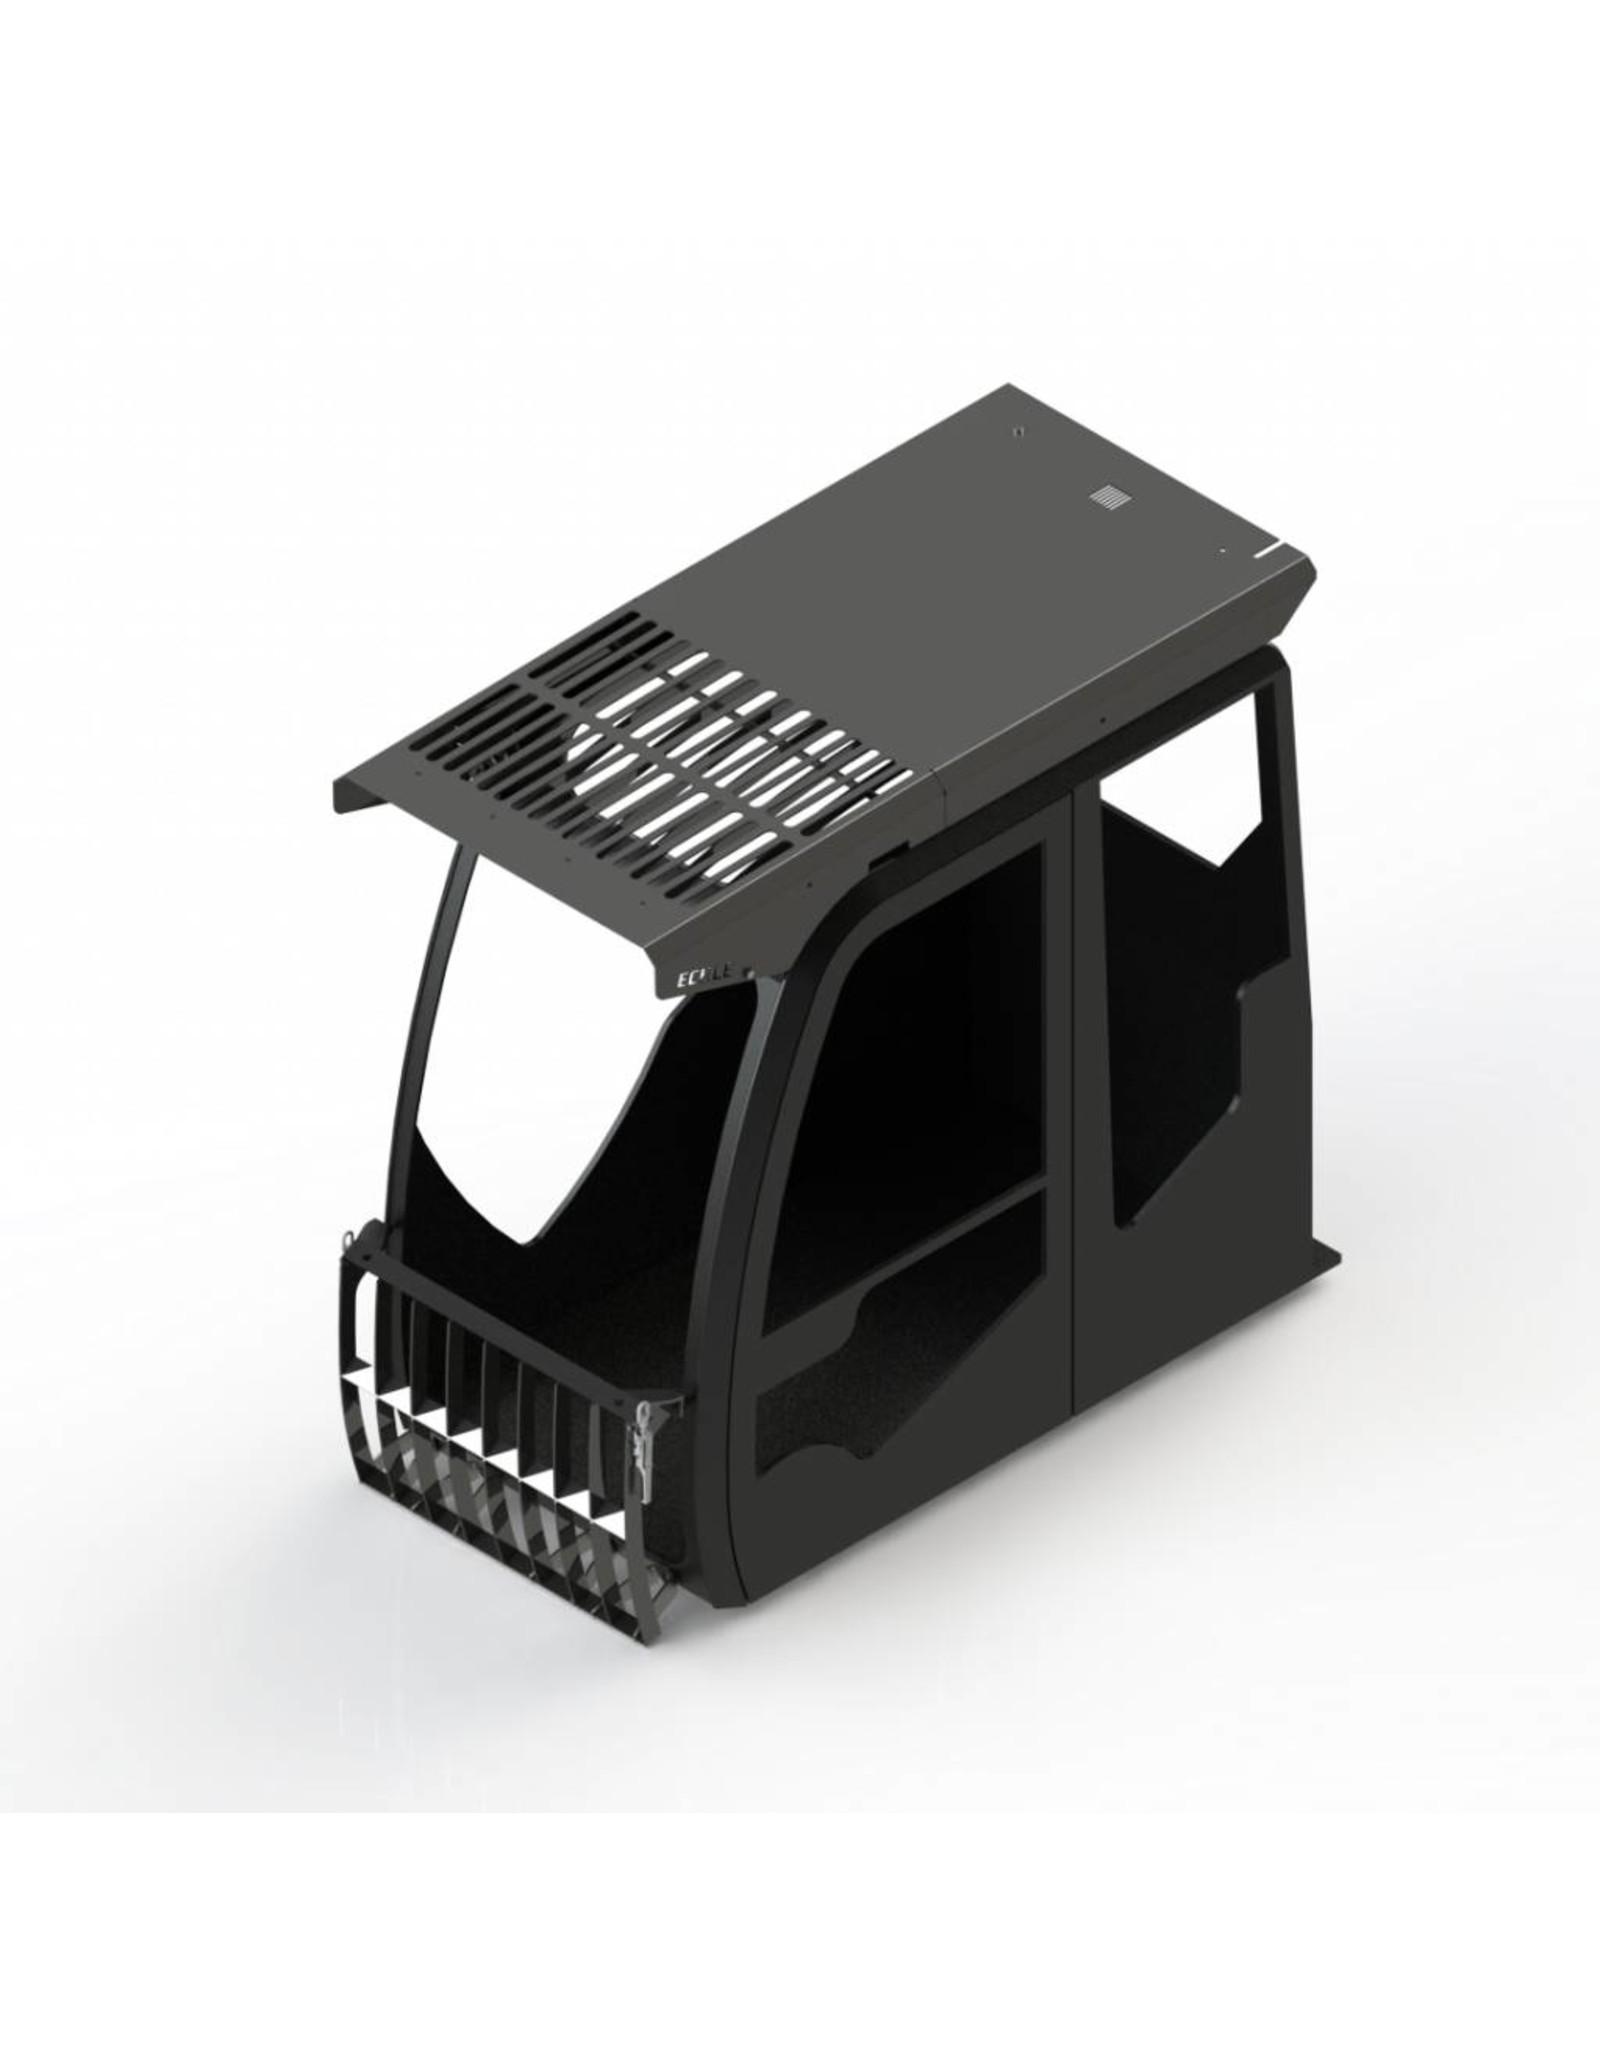 Echle Hartstahl GmbH FOPS pour Liebherr R 926 Compact